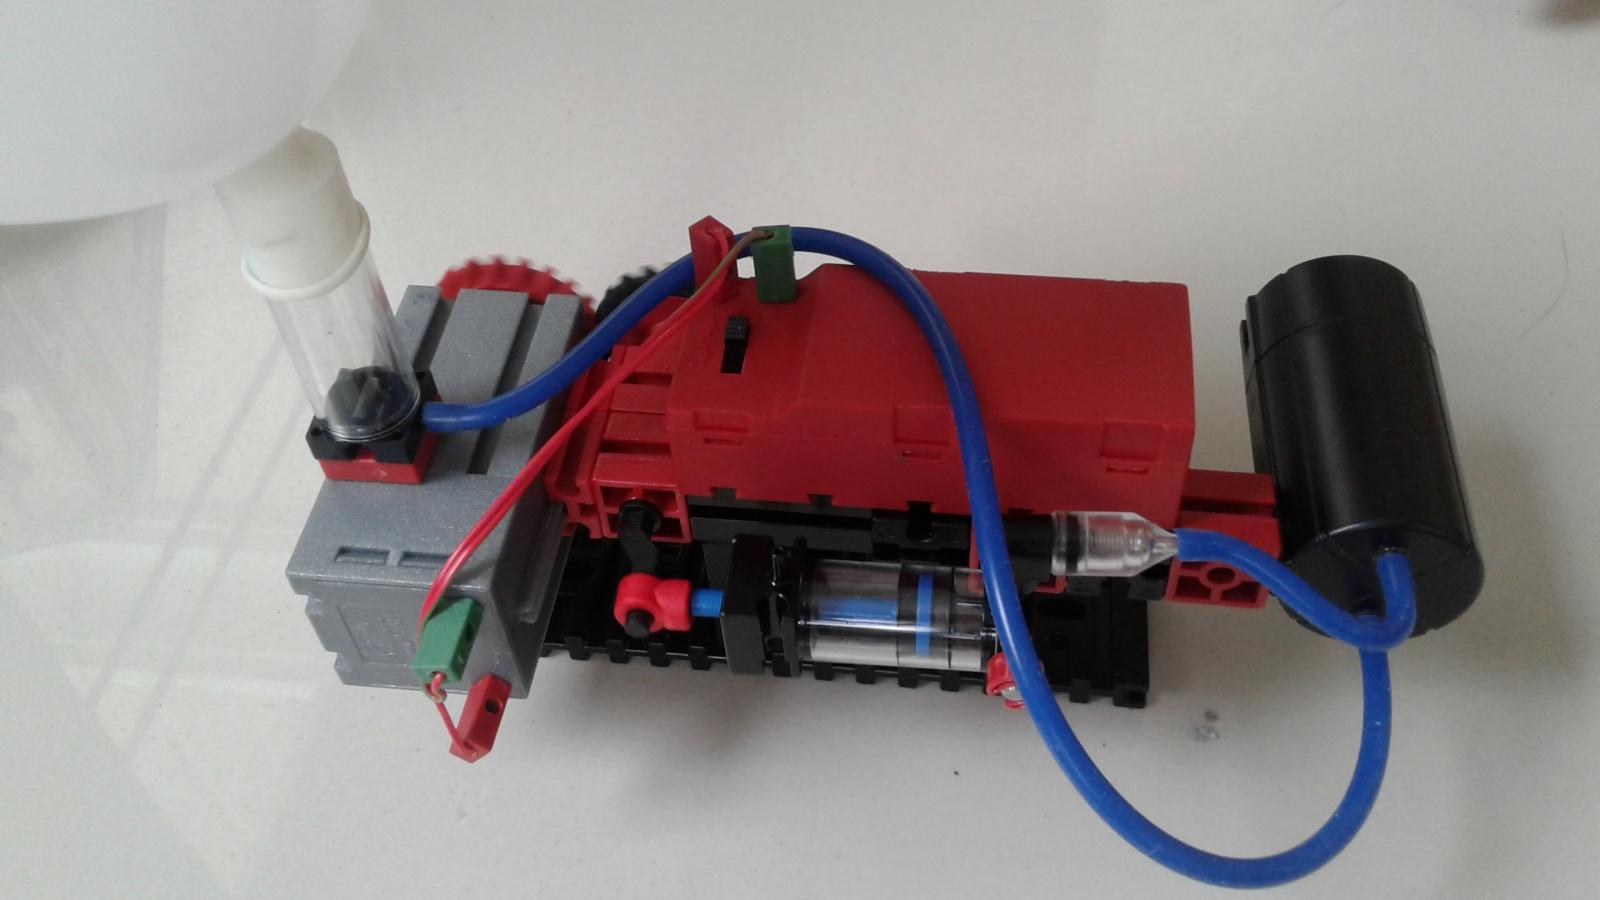 Конструкторы Fischertechnik плюс одноплатный компьютер BBC Micro:Bit, устройства «для Arduino» и детали 3D принтеров - 4